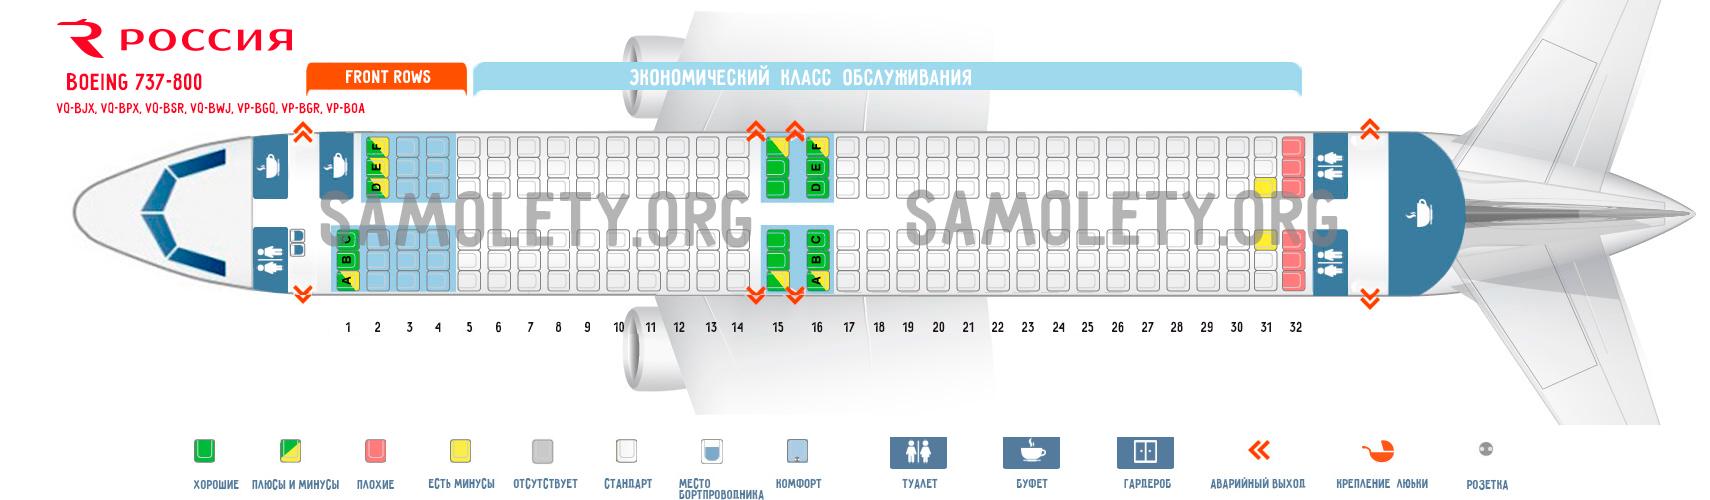 Схема салона Boeing 737-800 Россия